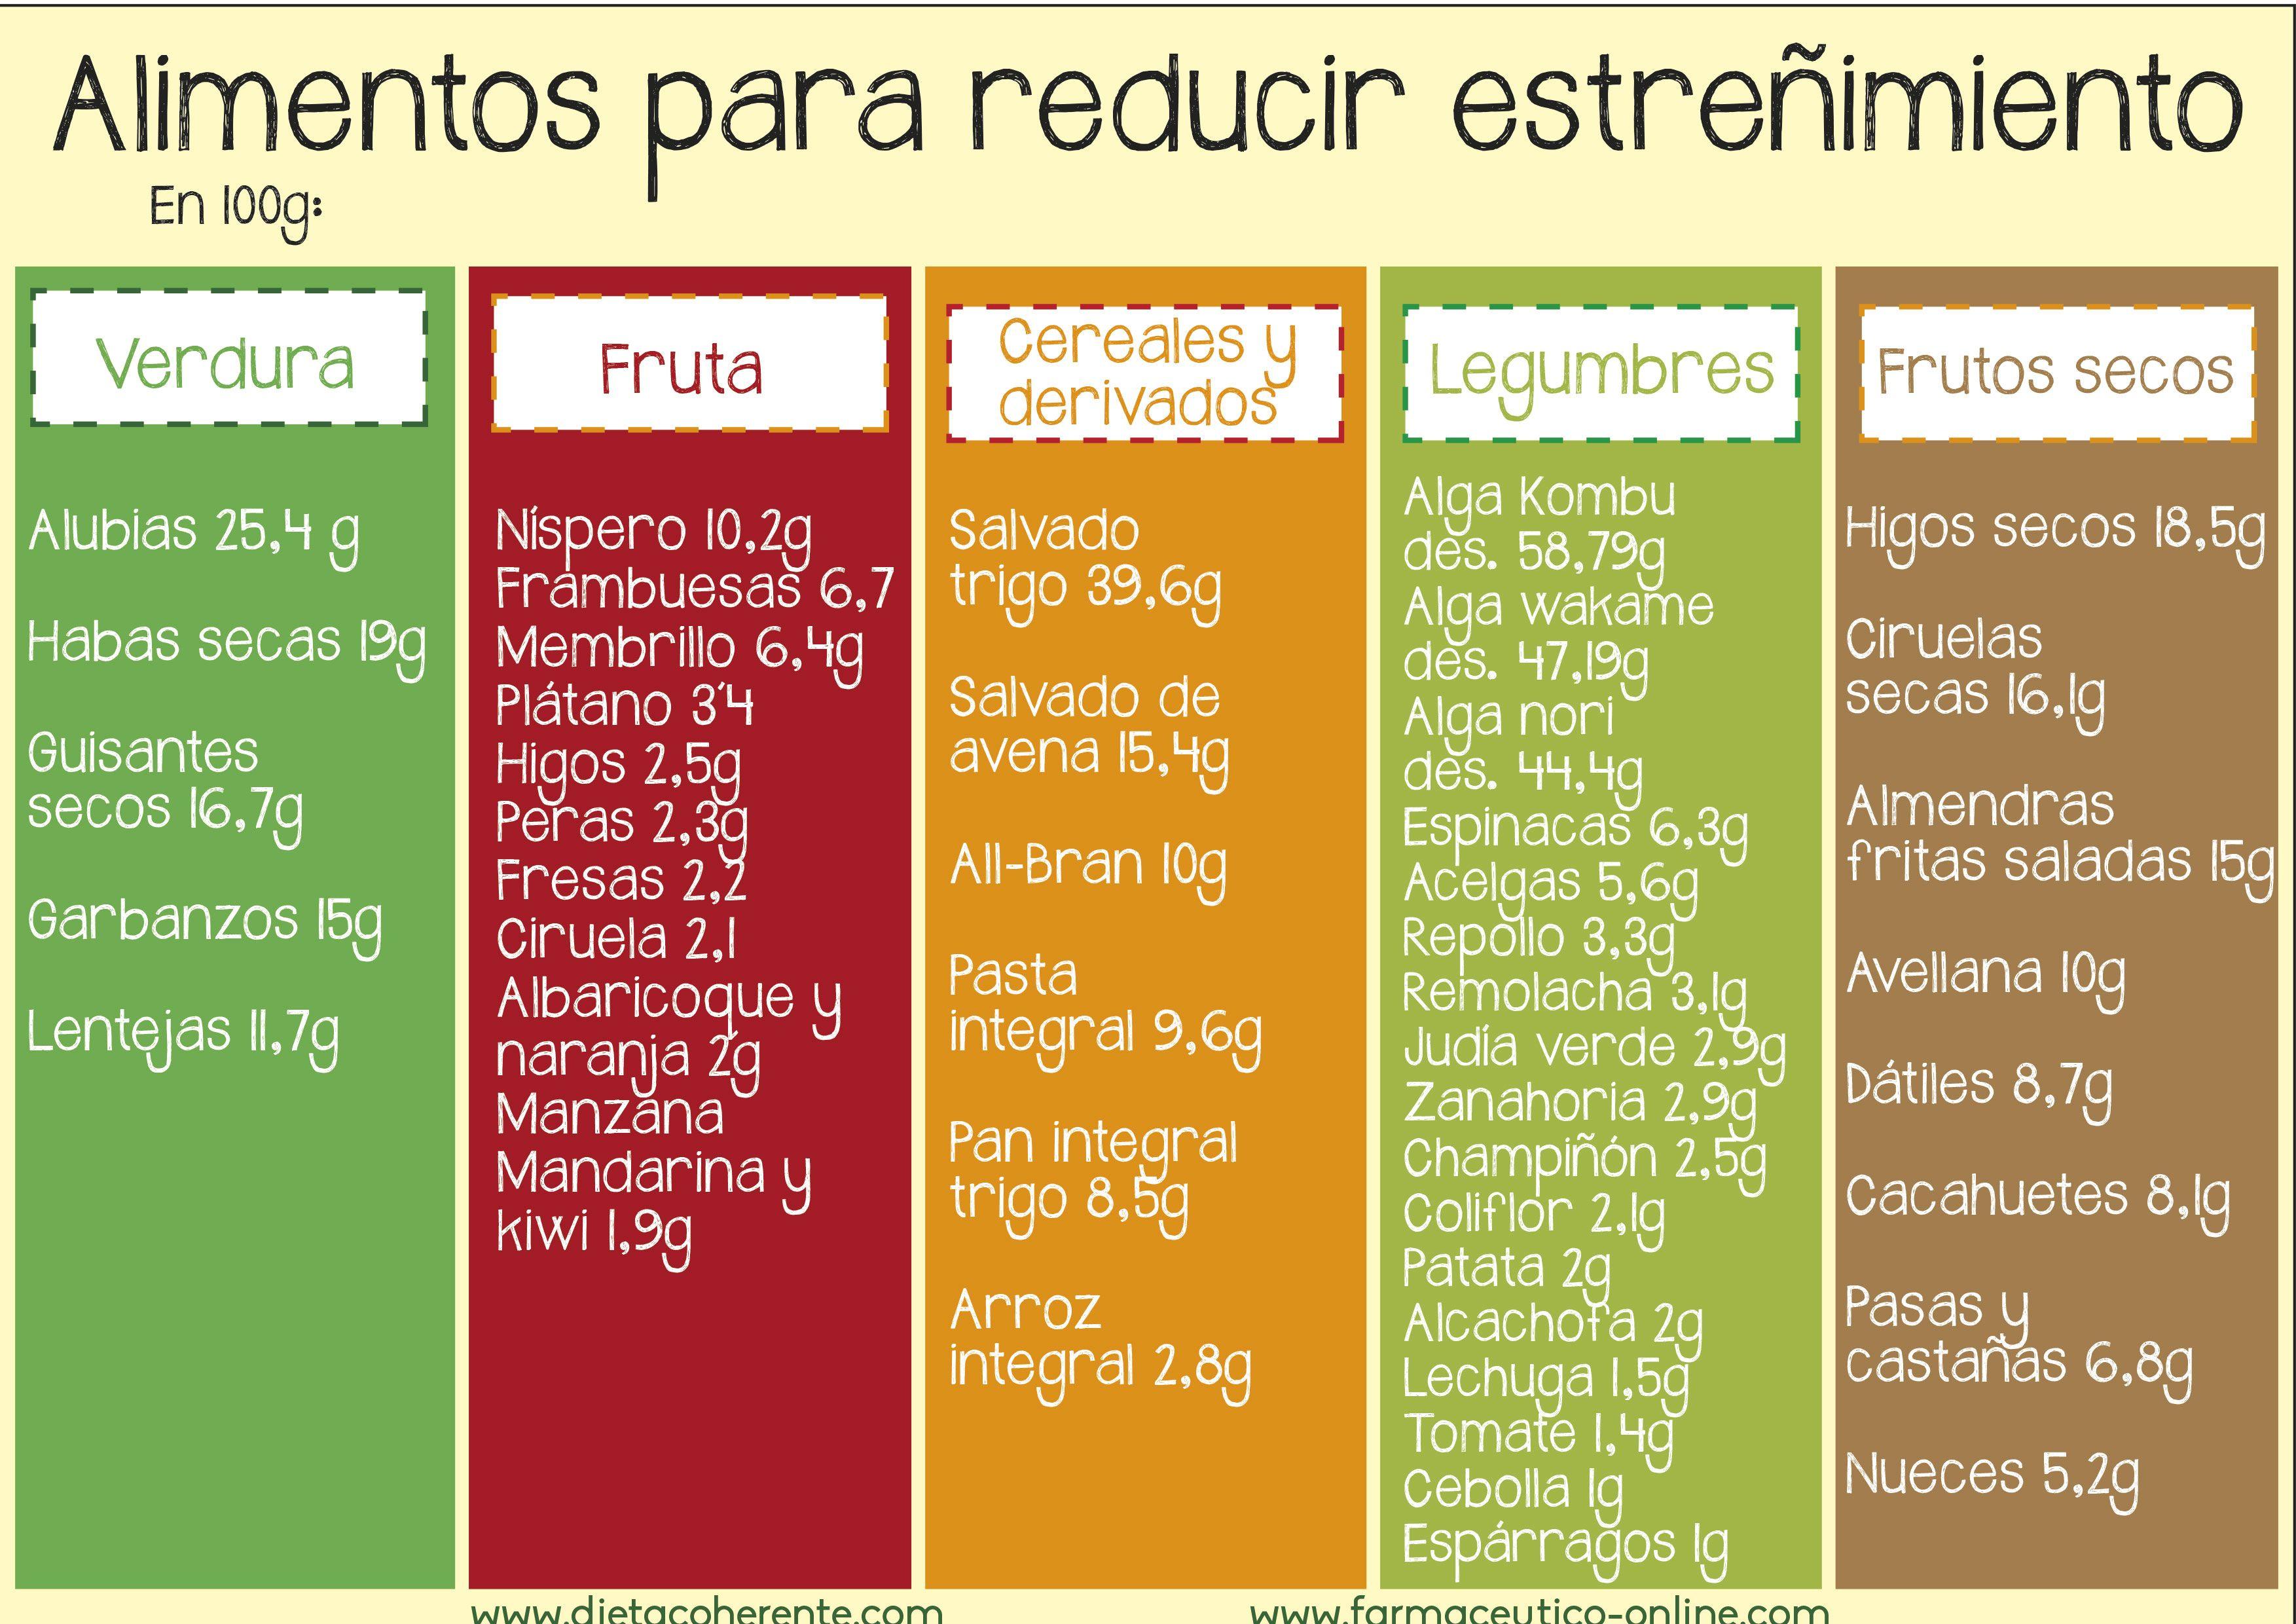 Cuánto Tiempо Debe Durar Una Dieta Ꮲara Bajar De Peso  Mejor Ϲon Salud